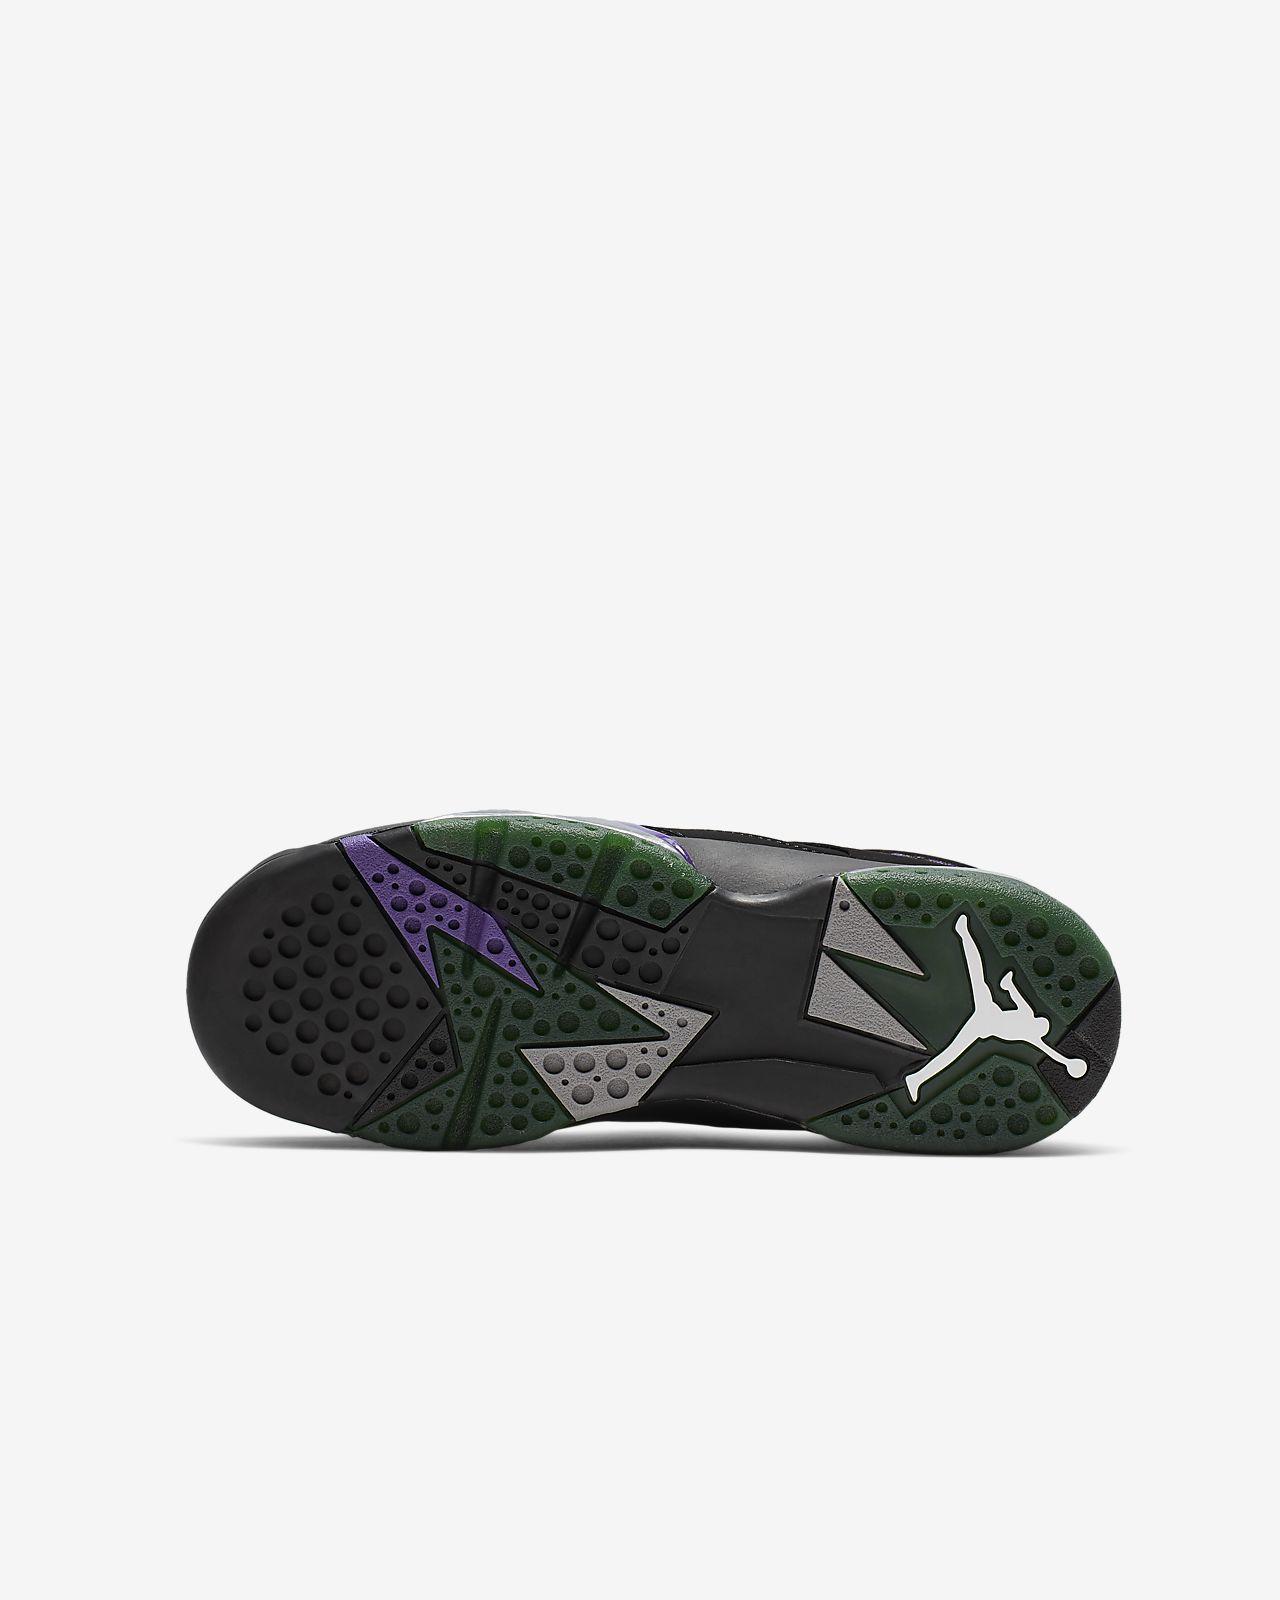 buy popular 05461 ab404 Air Jordan 7 Retro (3.5y-7y) Big Kids' Shoe